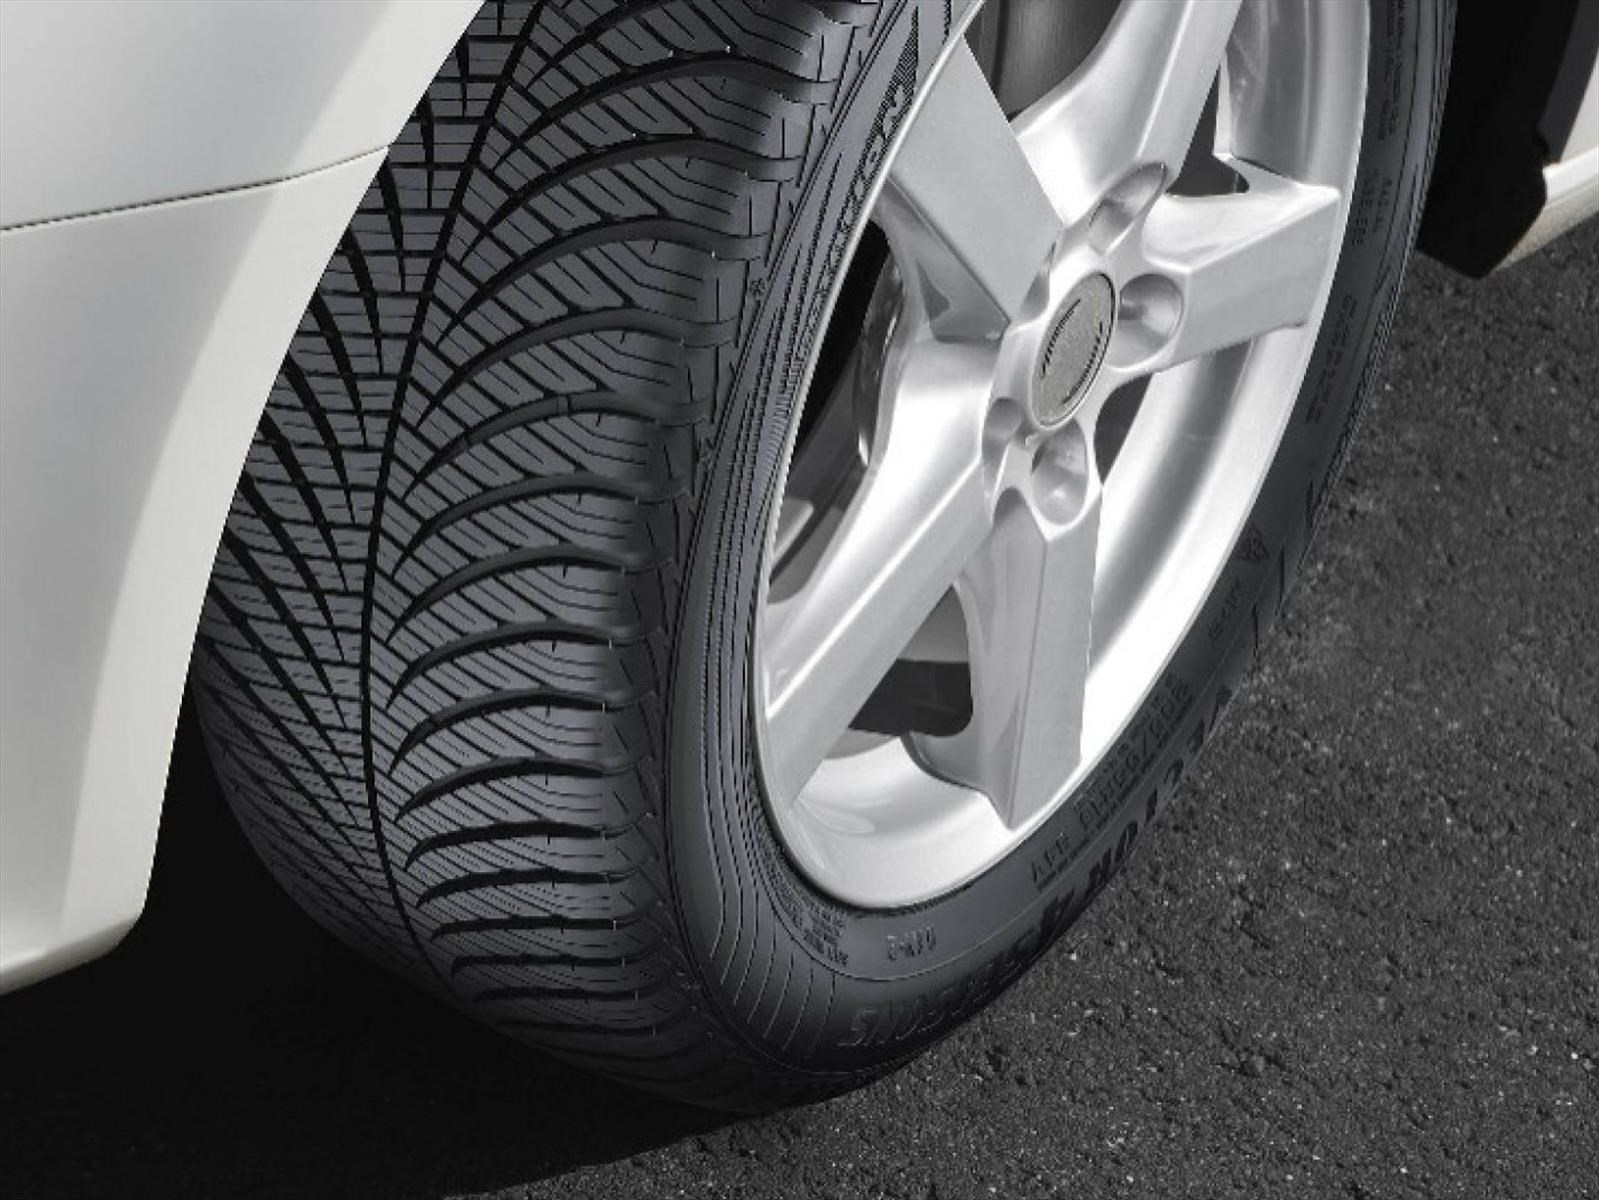 ¿Cómo es el proceso de fabricación de un neumático?